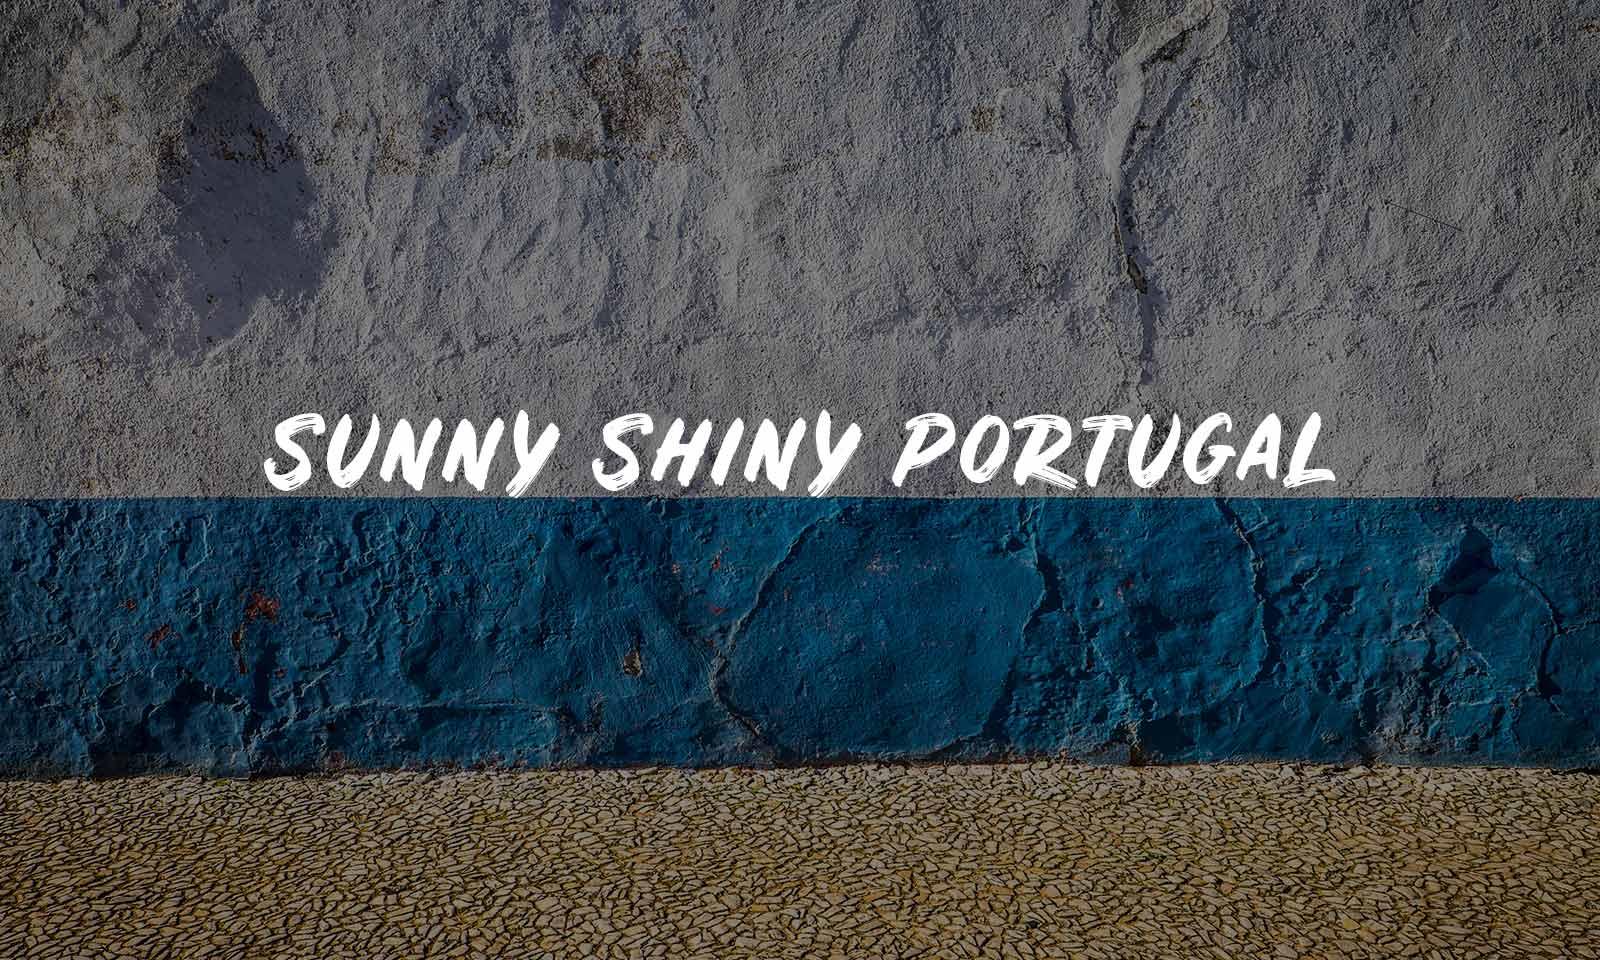 Sunny Shiny Portugal